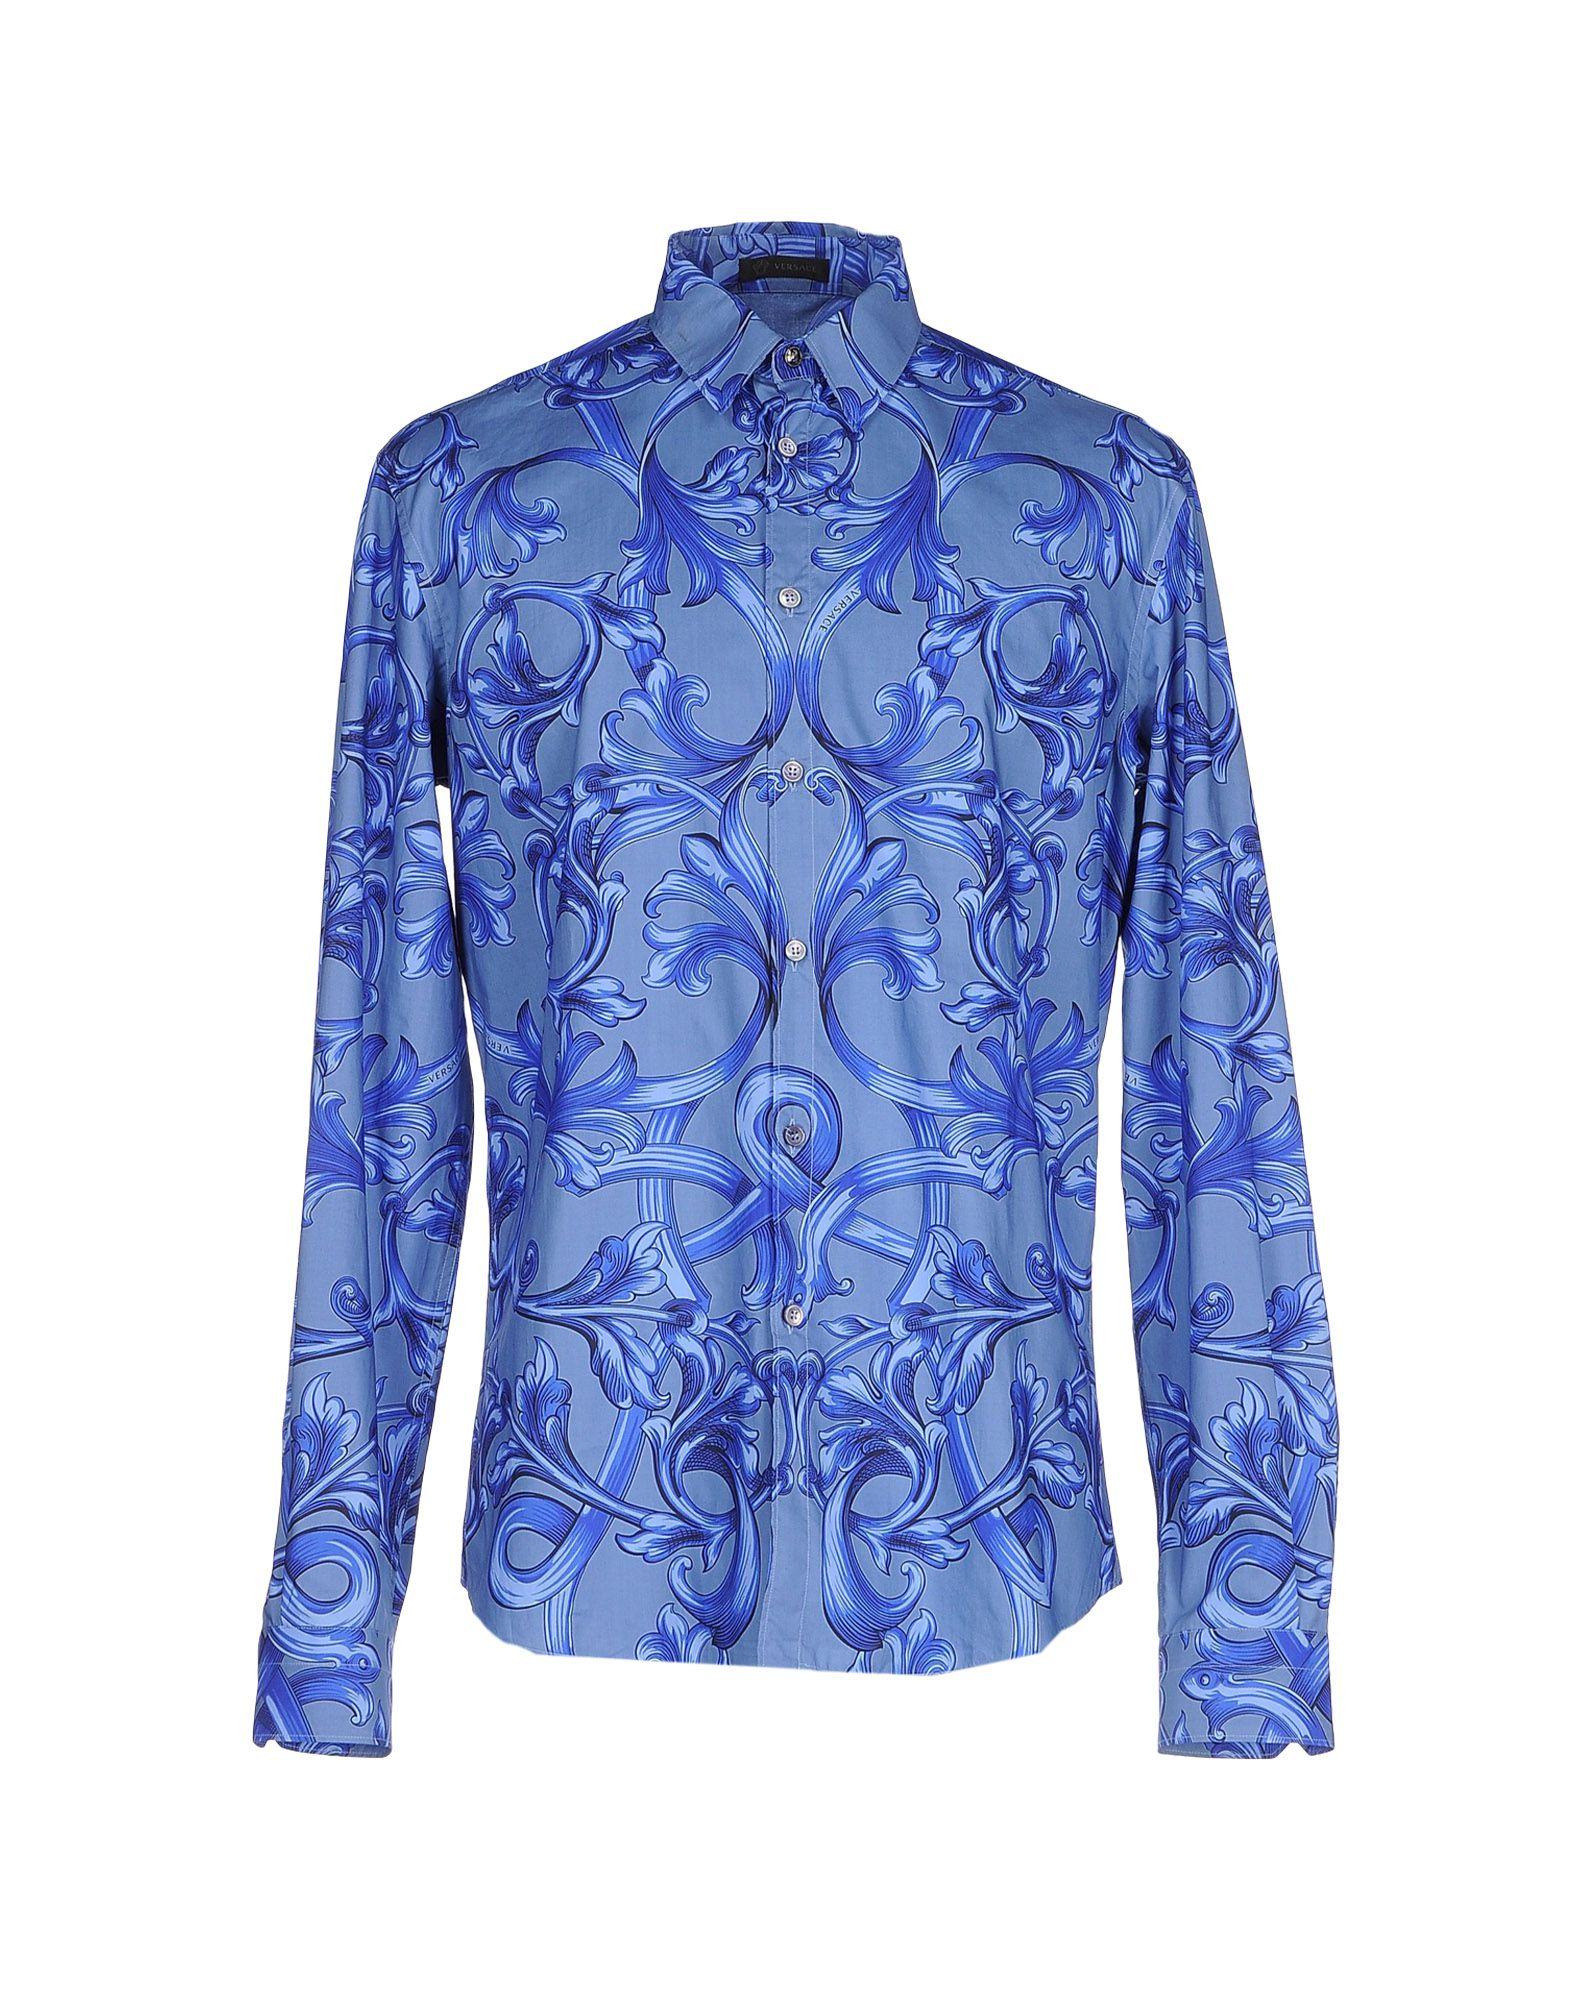 VERSACE Herren Hemd Farbe Taubenblau Größe 6